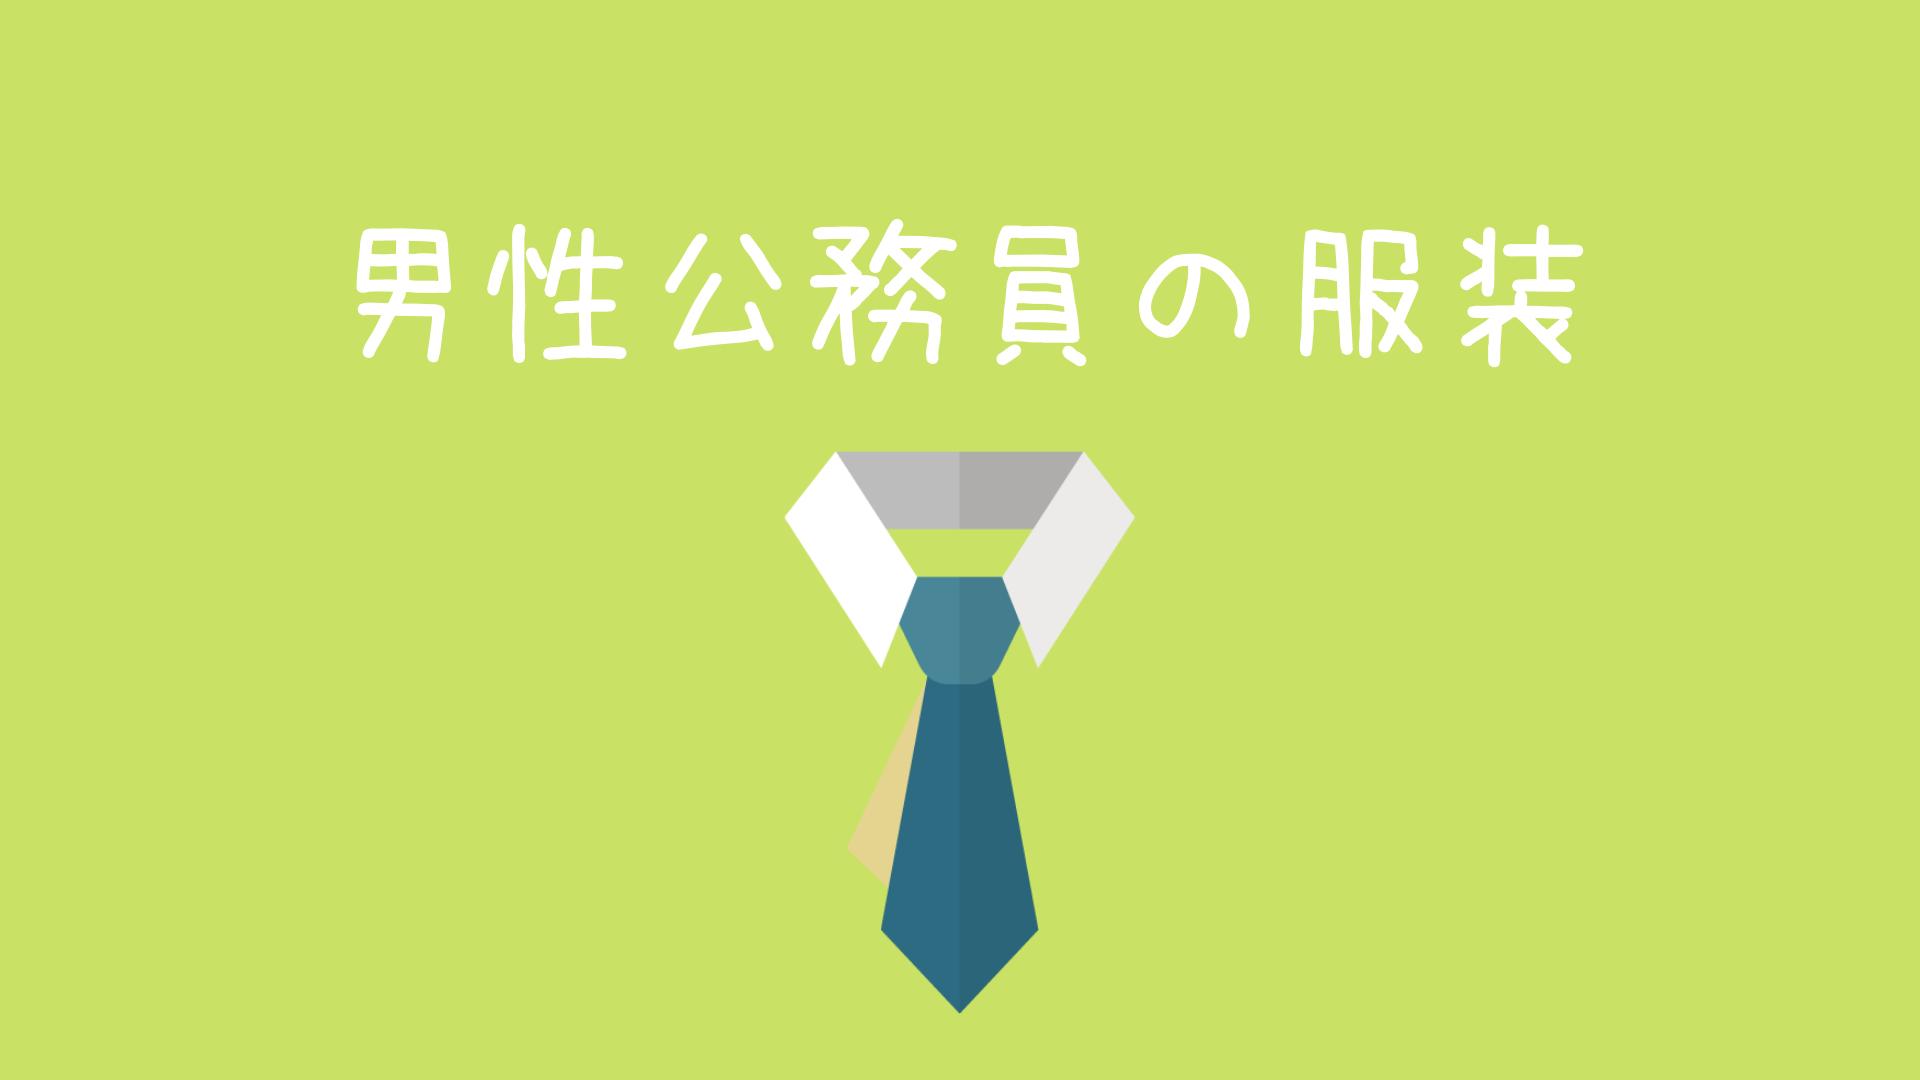 男性公務員の服装に規定はある?通勤時はスーツ着用が必須!?